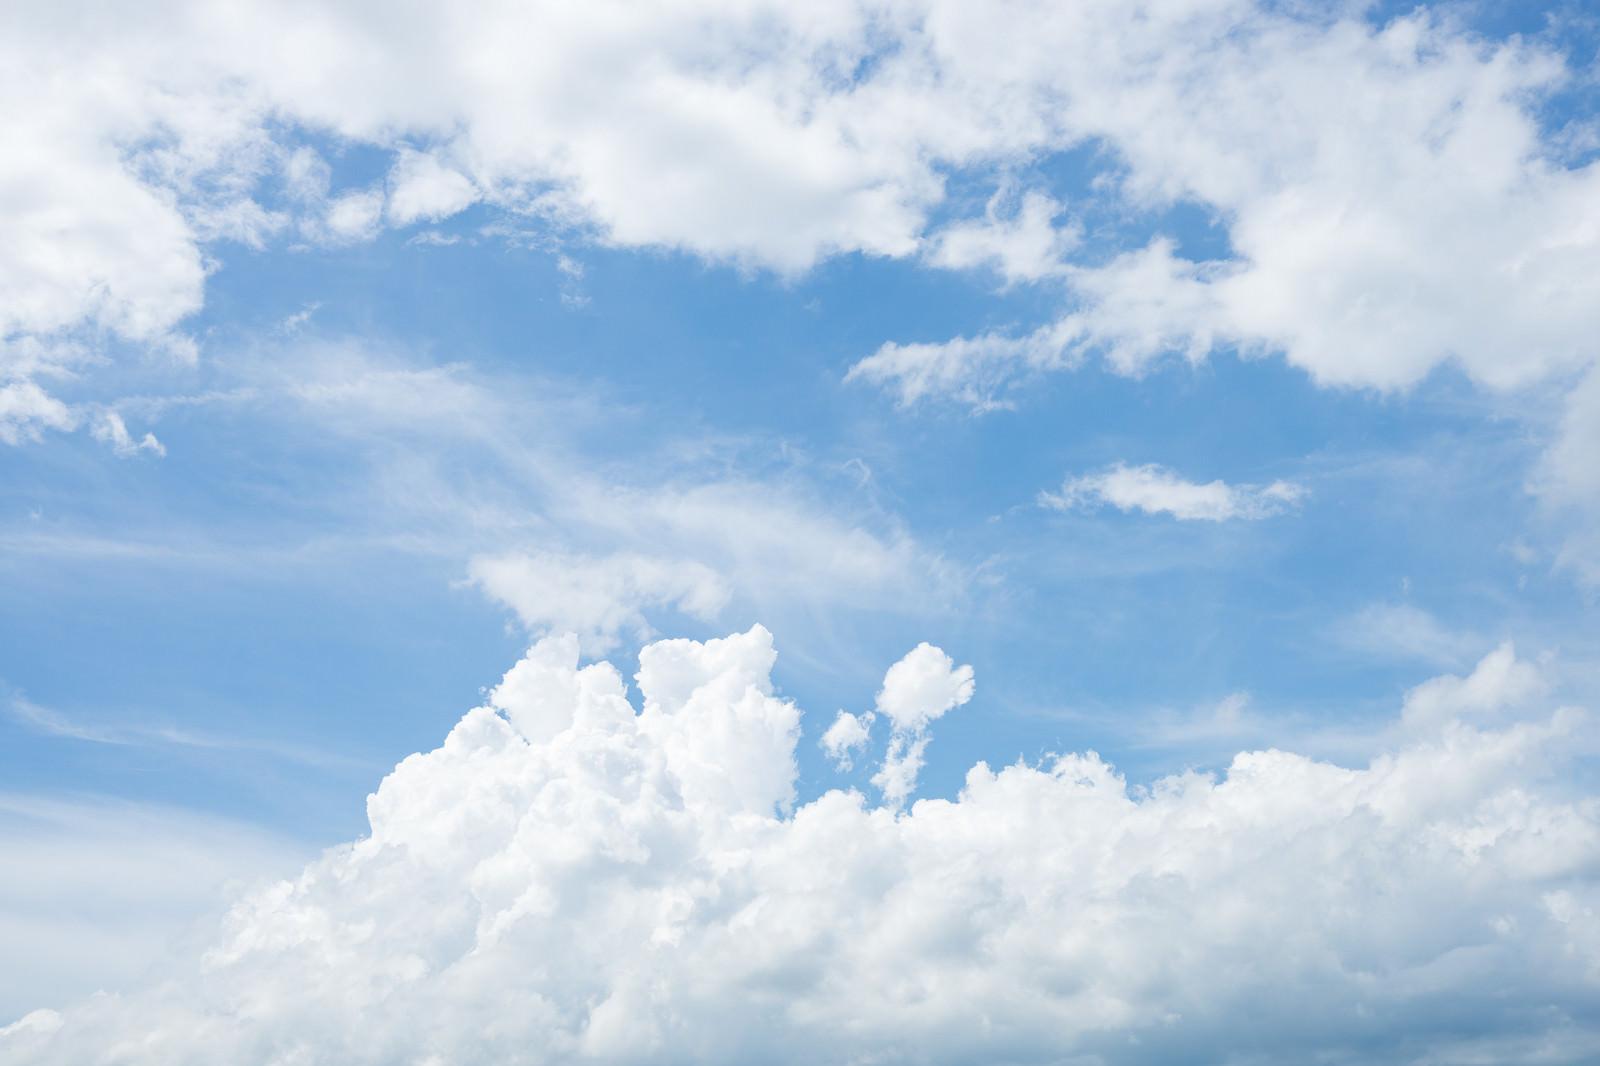 「空全体の雲量が8割までは晴れ空全体の雲量が8割までは晴れ」のフリー写真素材を拡大